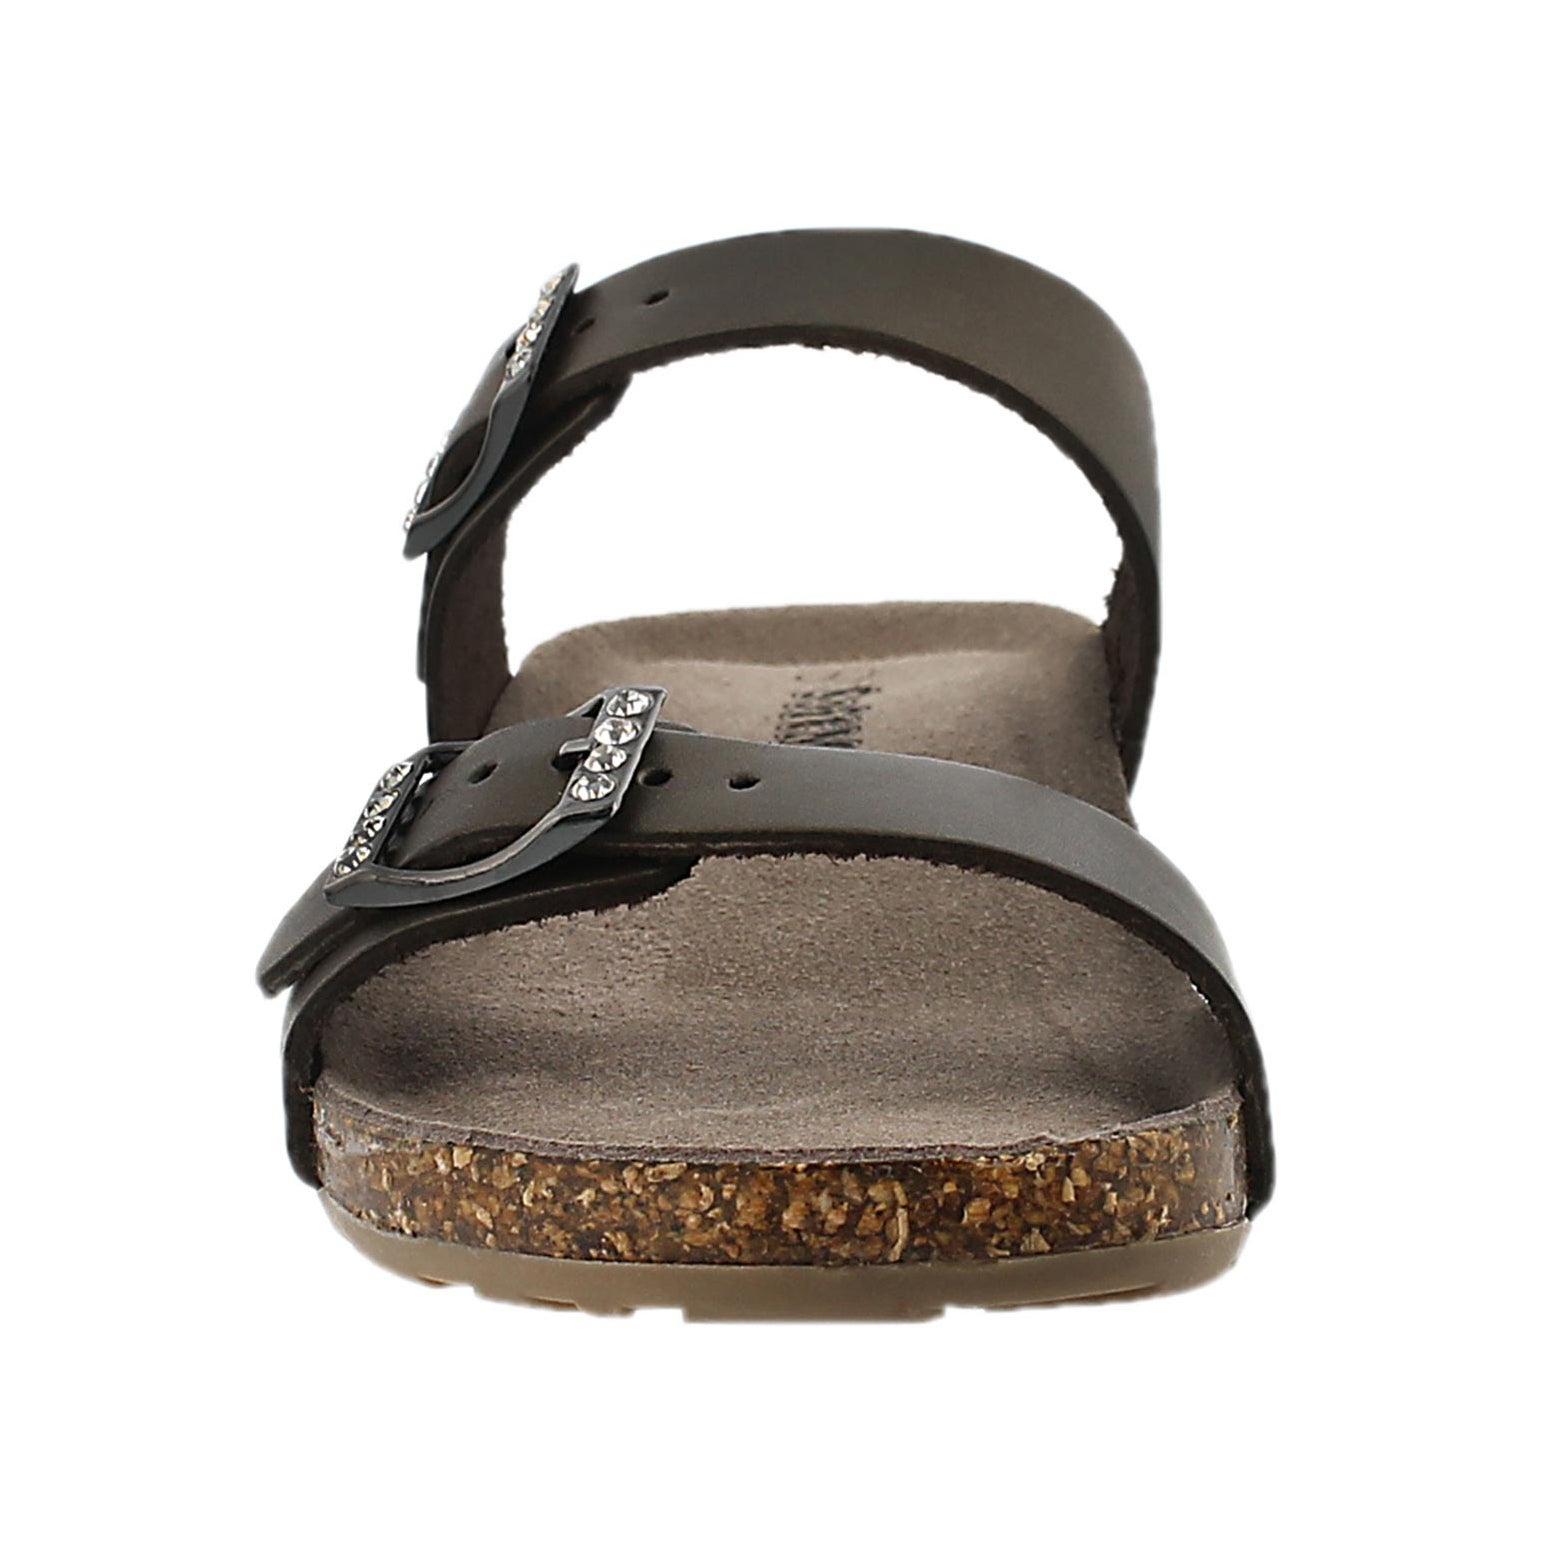 Lds Ashlynn 2 gold memory foam sandal